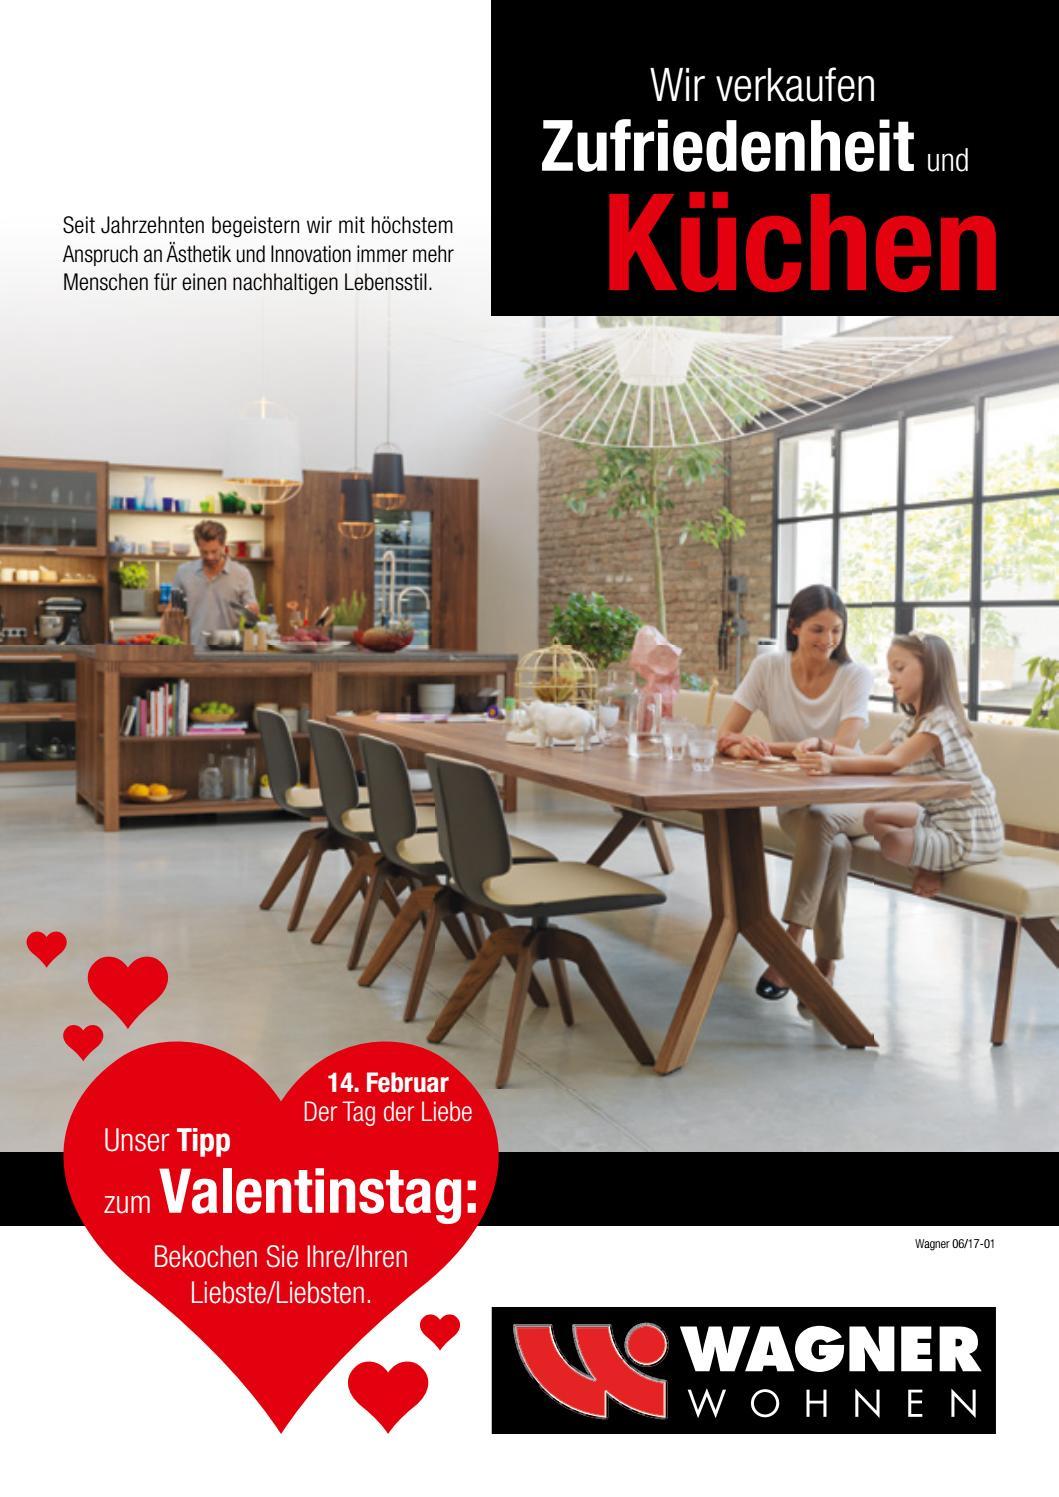 Wagner Wohnen - Küchenprospekt 09.02.2017 by Wagner Wohnen - issuu